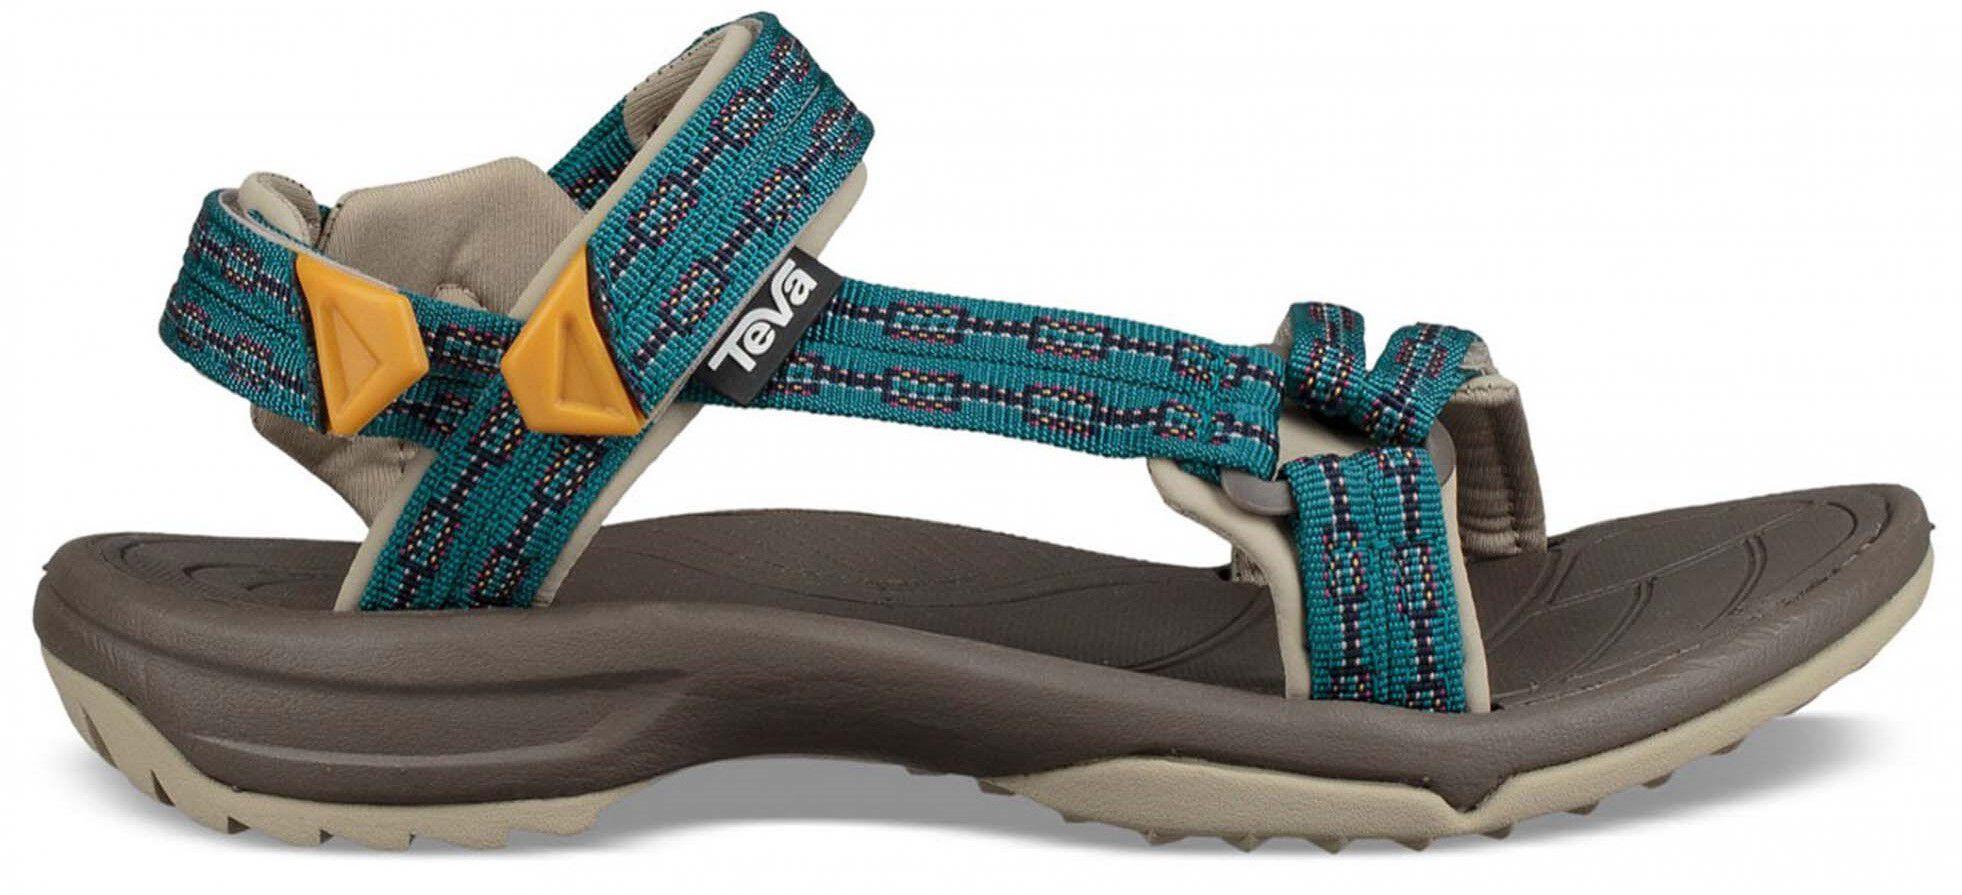 Teva Sportkleding & Accessoires   INTERSPORT